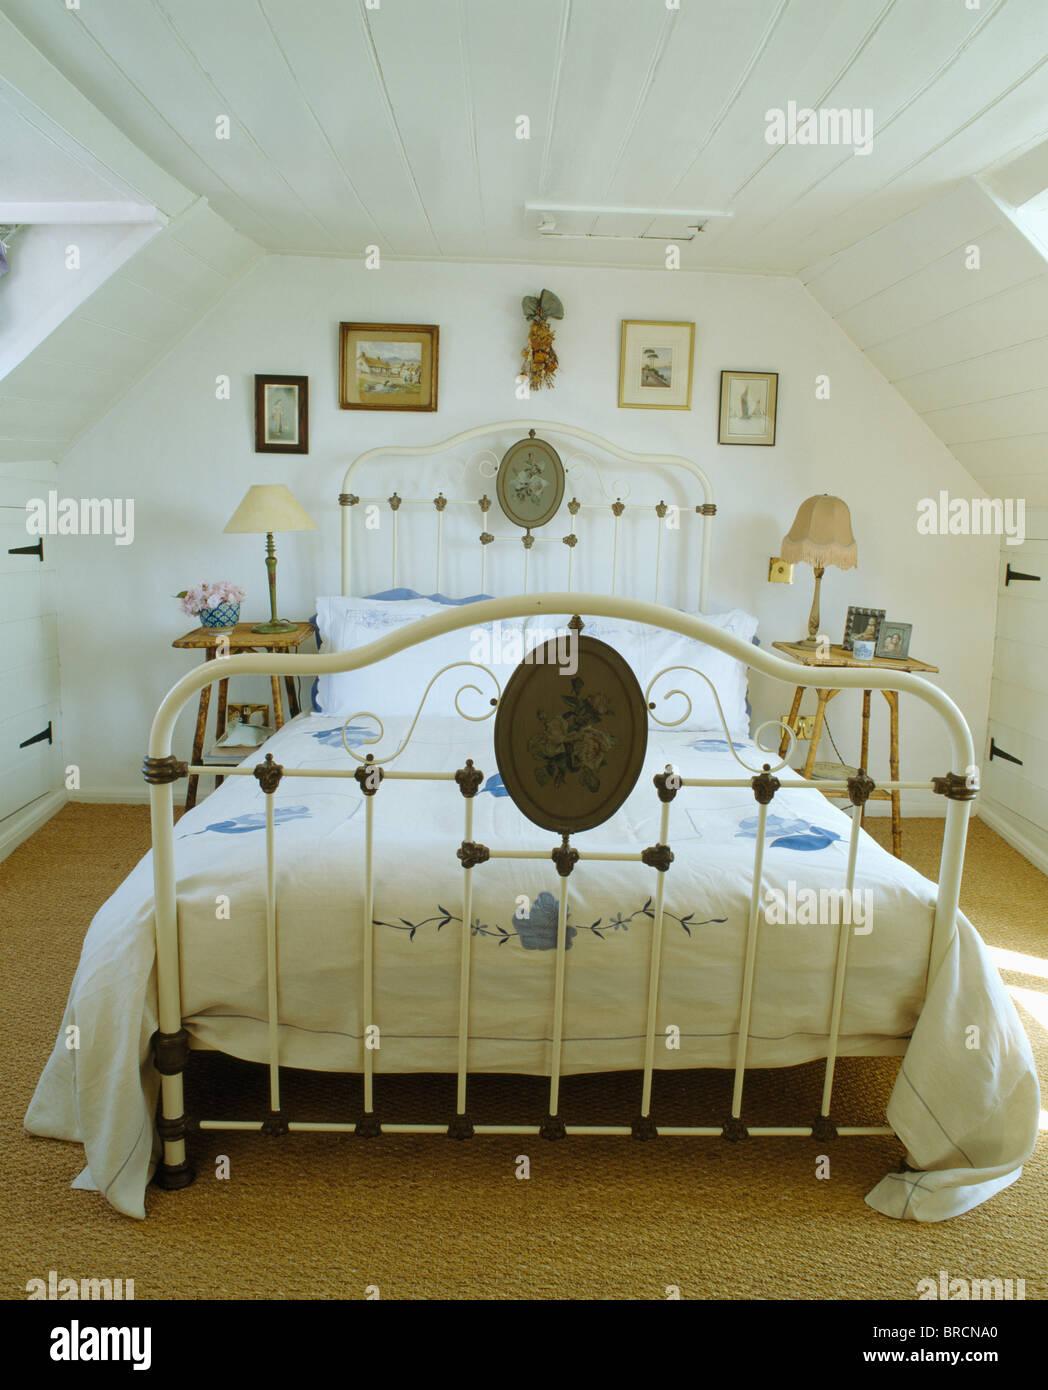 lit ancien fer forge blanc blanc dans une chambre